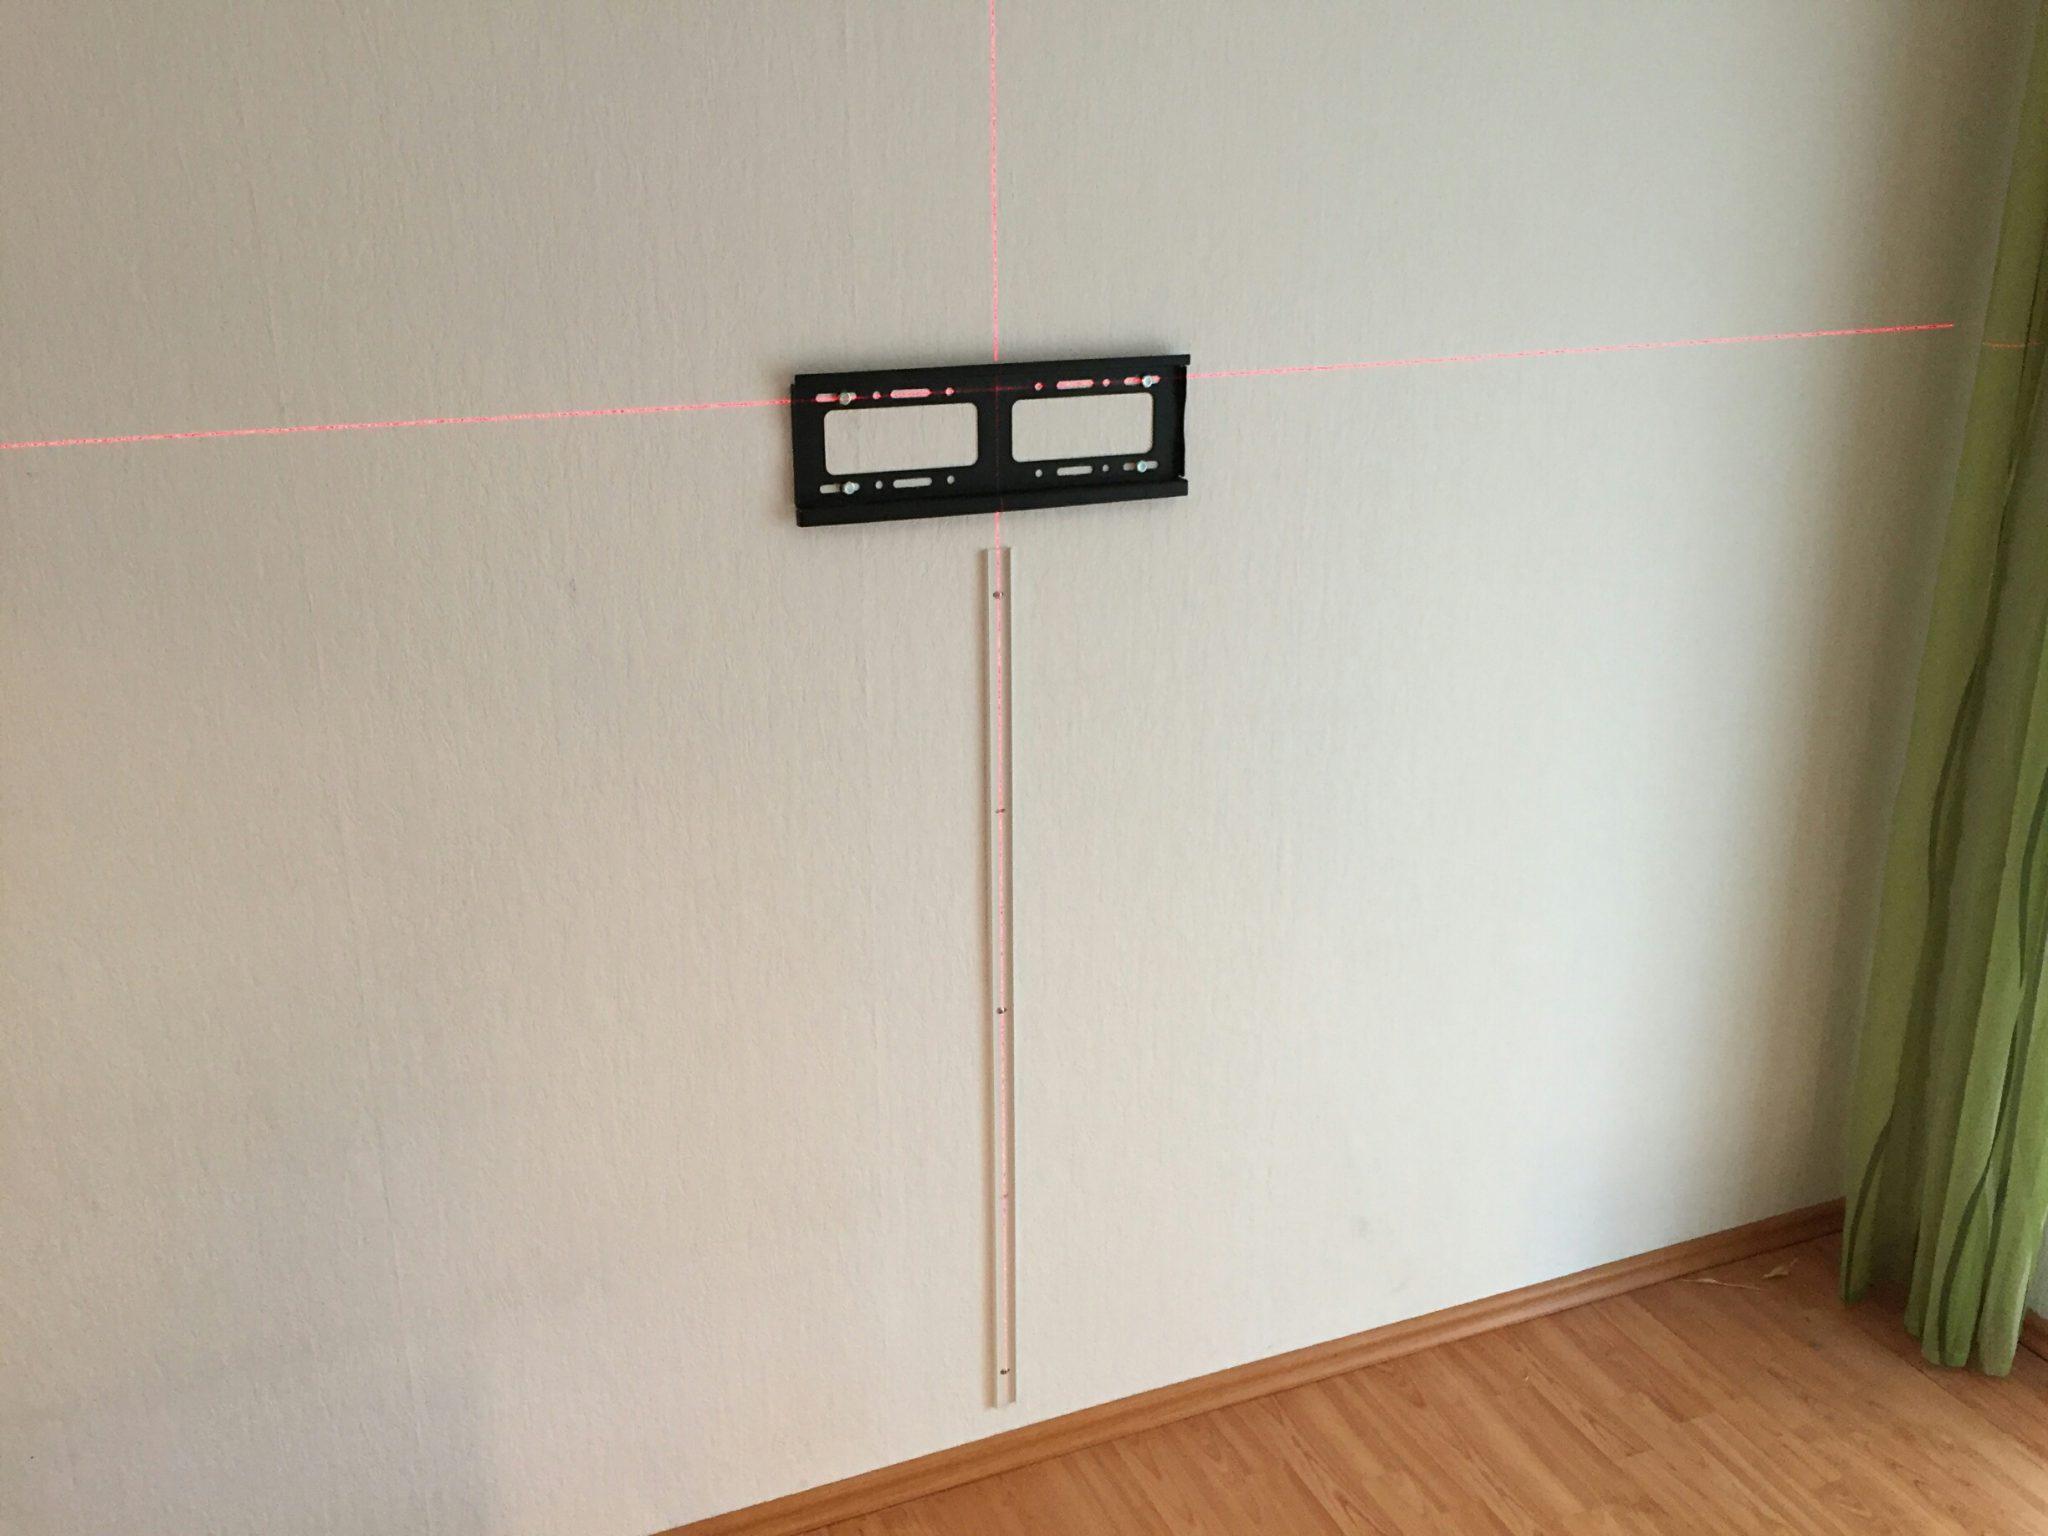 Fernseher An Die Wand Montieren Welche Höhe Ist Sinnvoll My